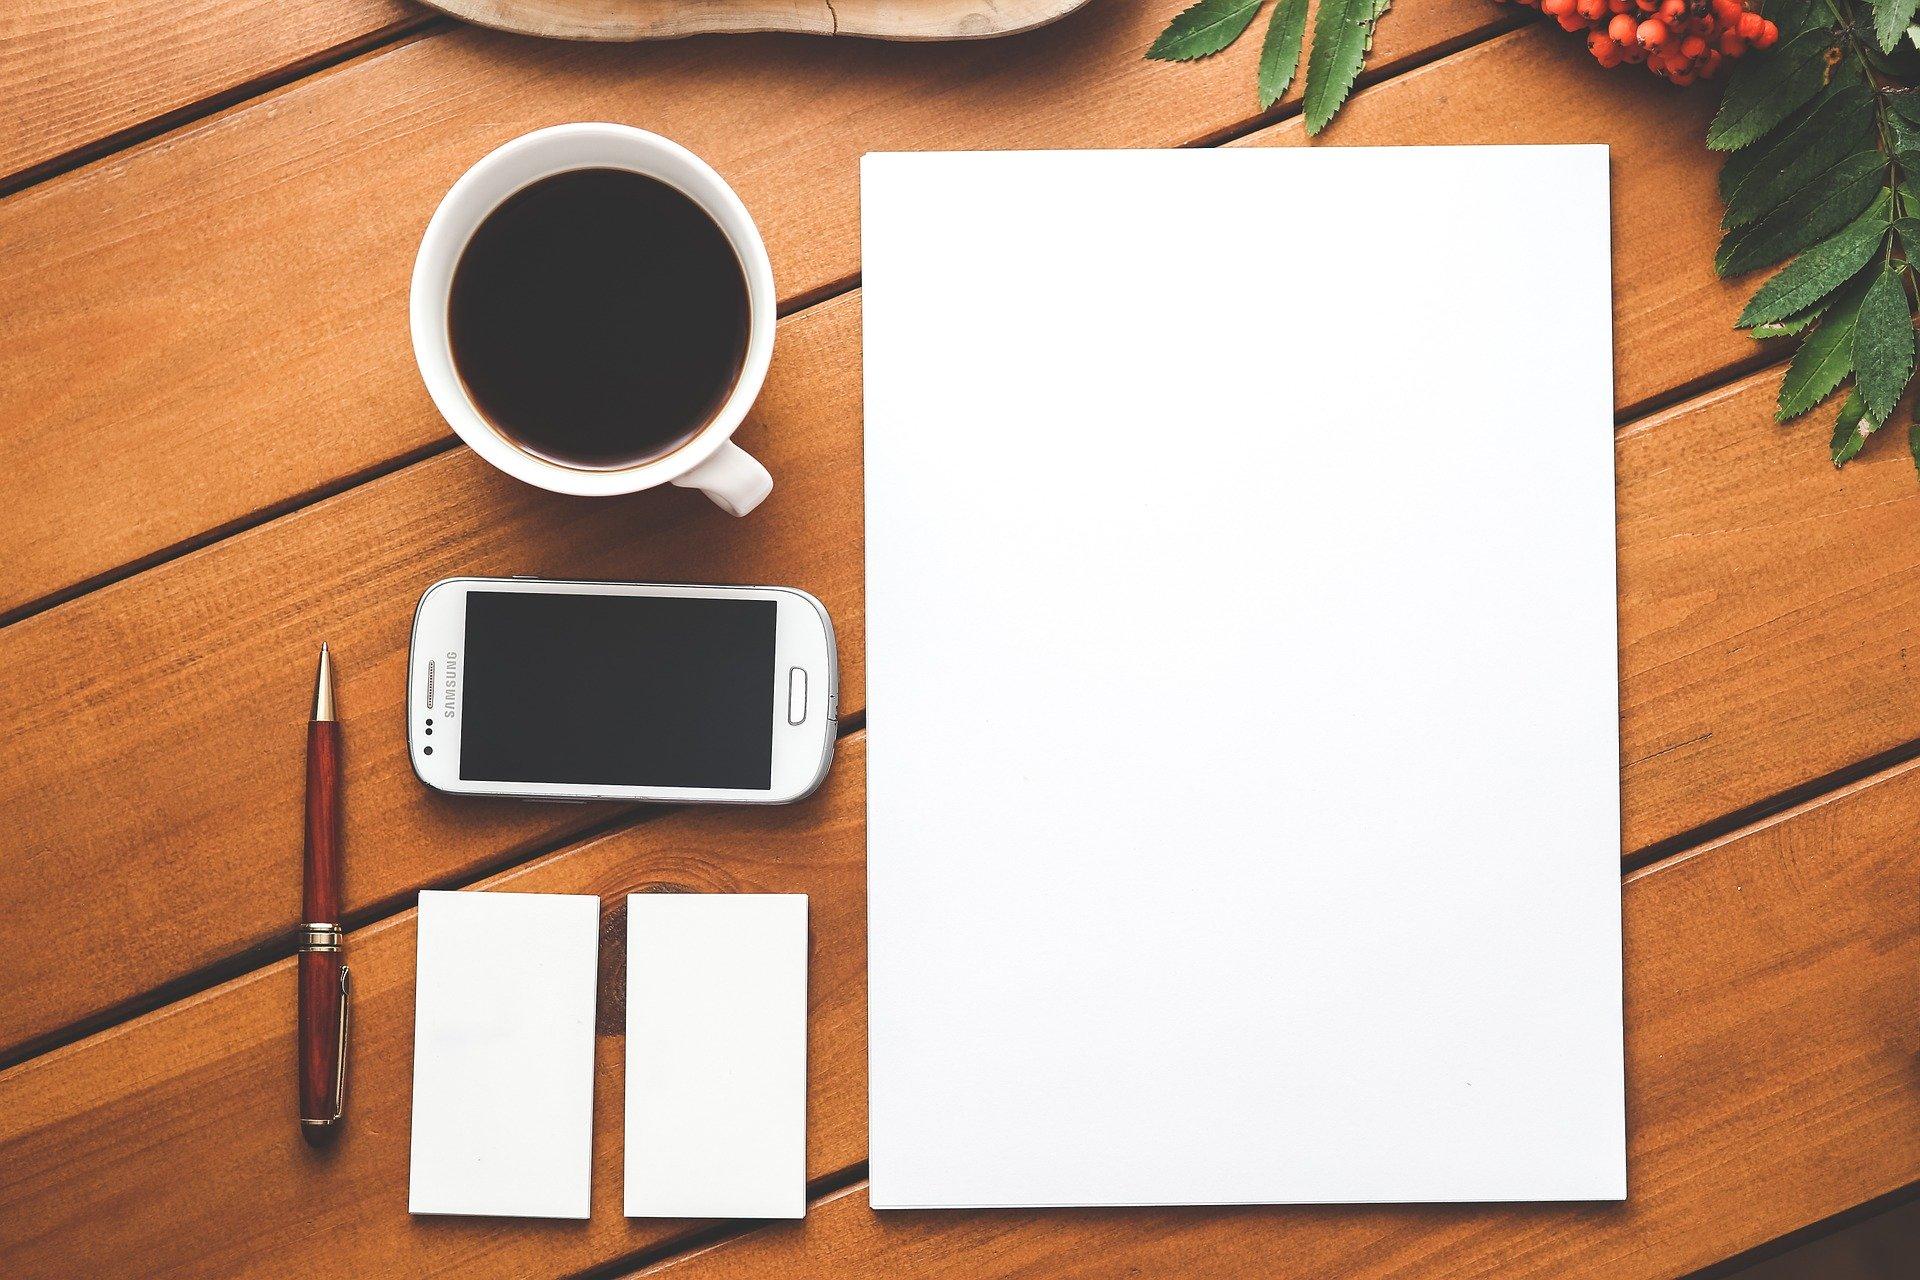 Photo où l'on peut voir de gauche à droite: tasse de café, téléphone portable, crayon de bois, post it blancs et bloc de feuilles A4 blanc sur fond en bois couleur chêne avec feuillage